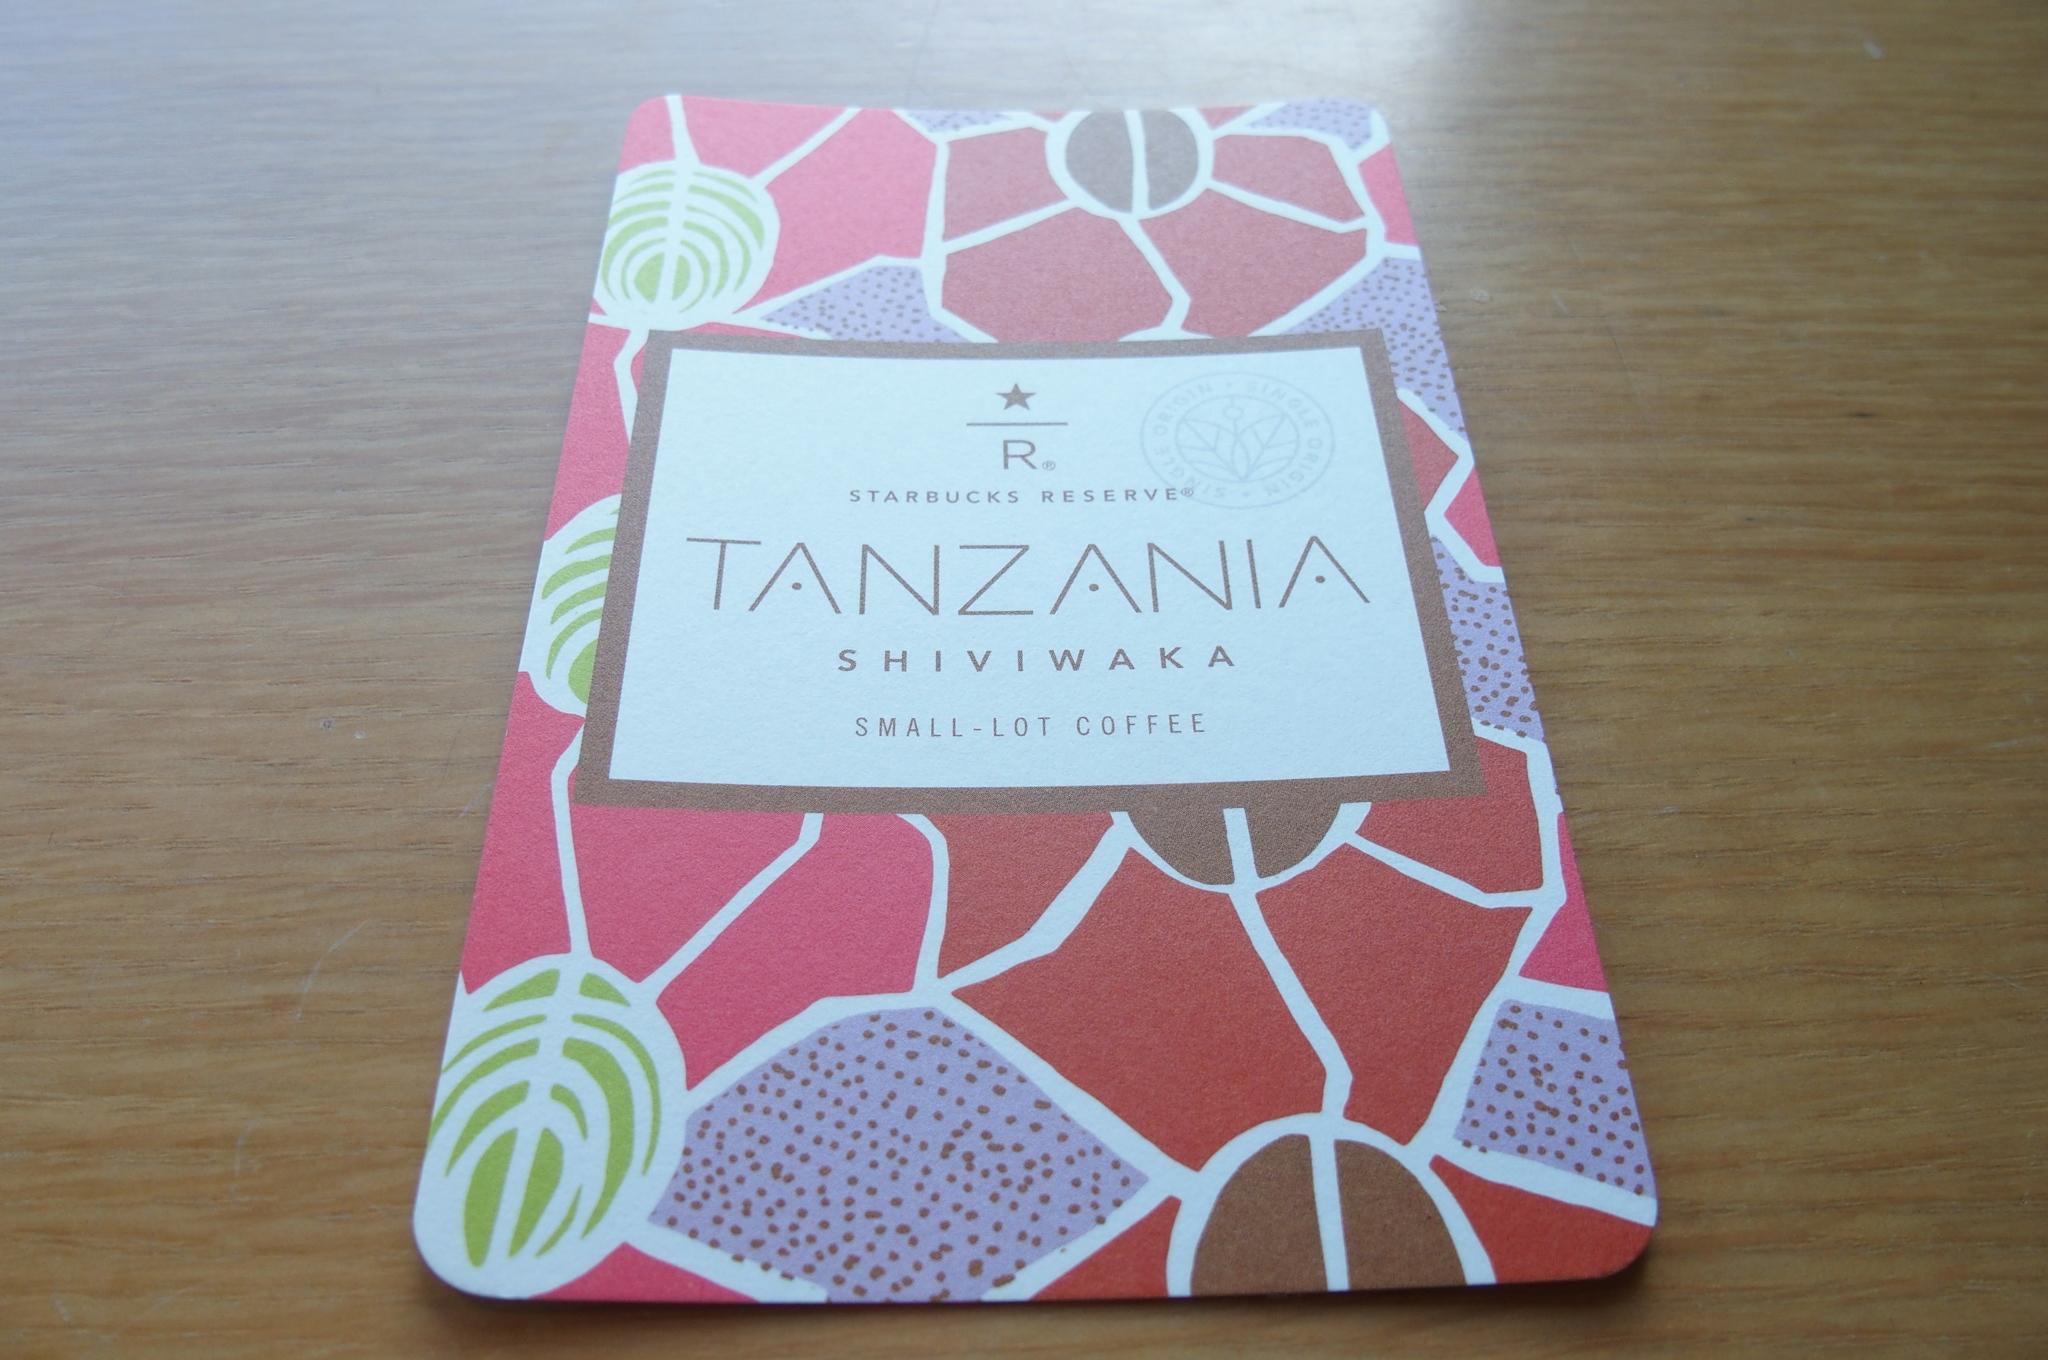 タンザニア シヴィワカ